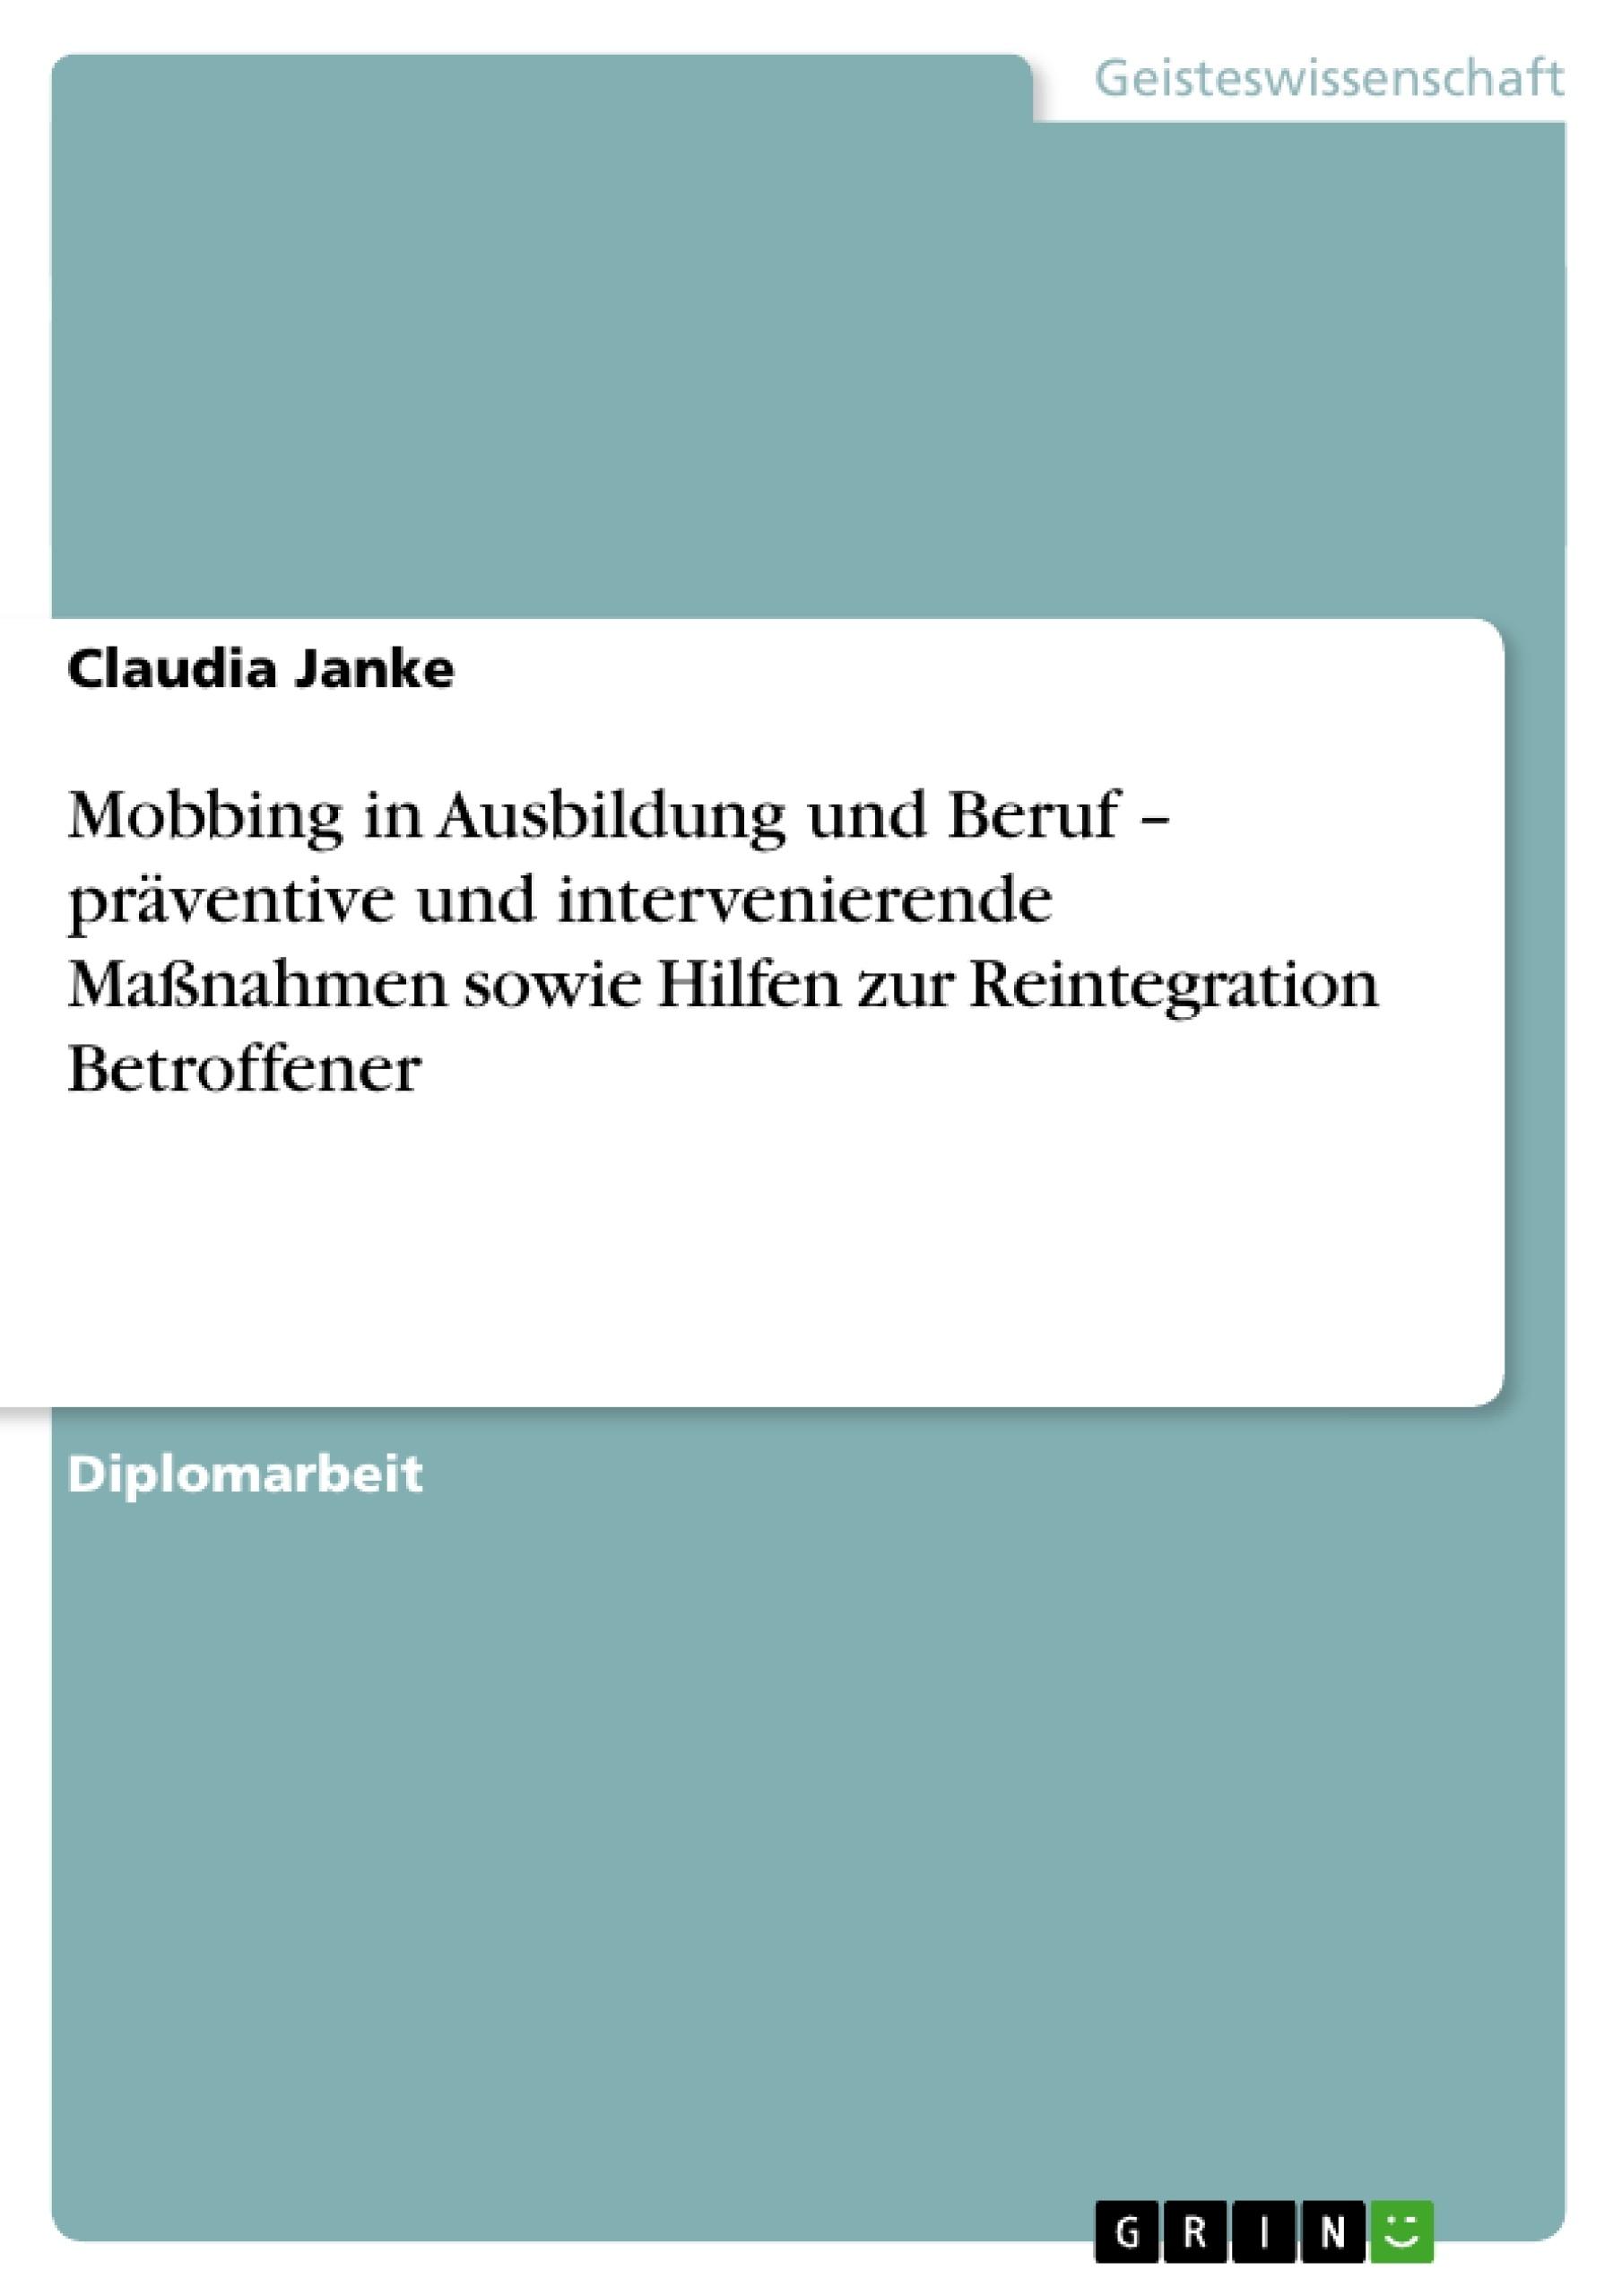 Titel: Mobbing in Ausbildung und Beruf – präventive und intervenierende Maßnahmen sowie Hilfen zur Reintegration Betroffener